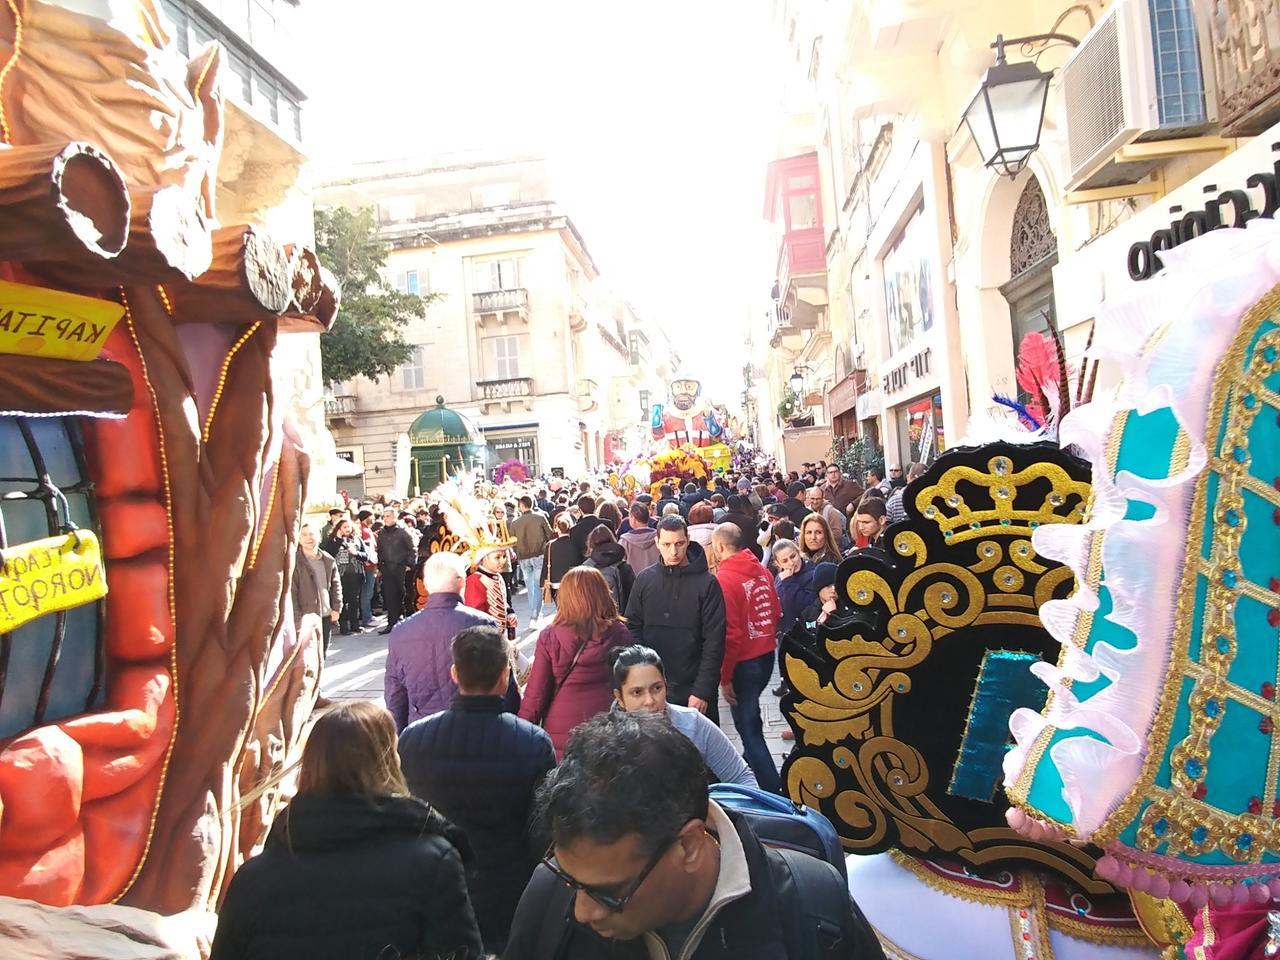 Maltas schriller Karneval ist beliebt bei Einwohnern und Touristen.